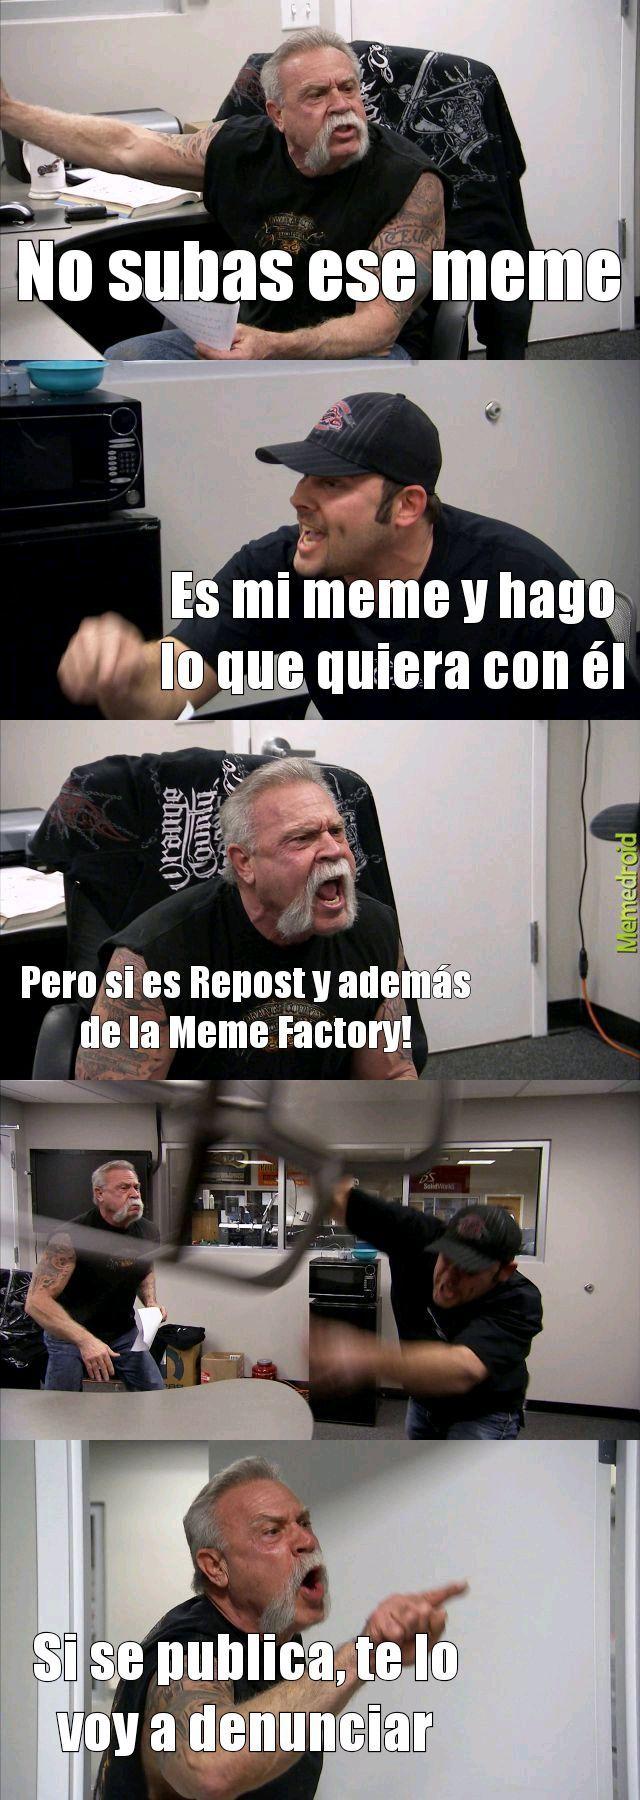 La primera vez que uso el Meme Factory xd